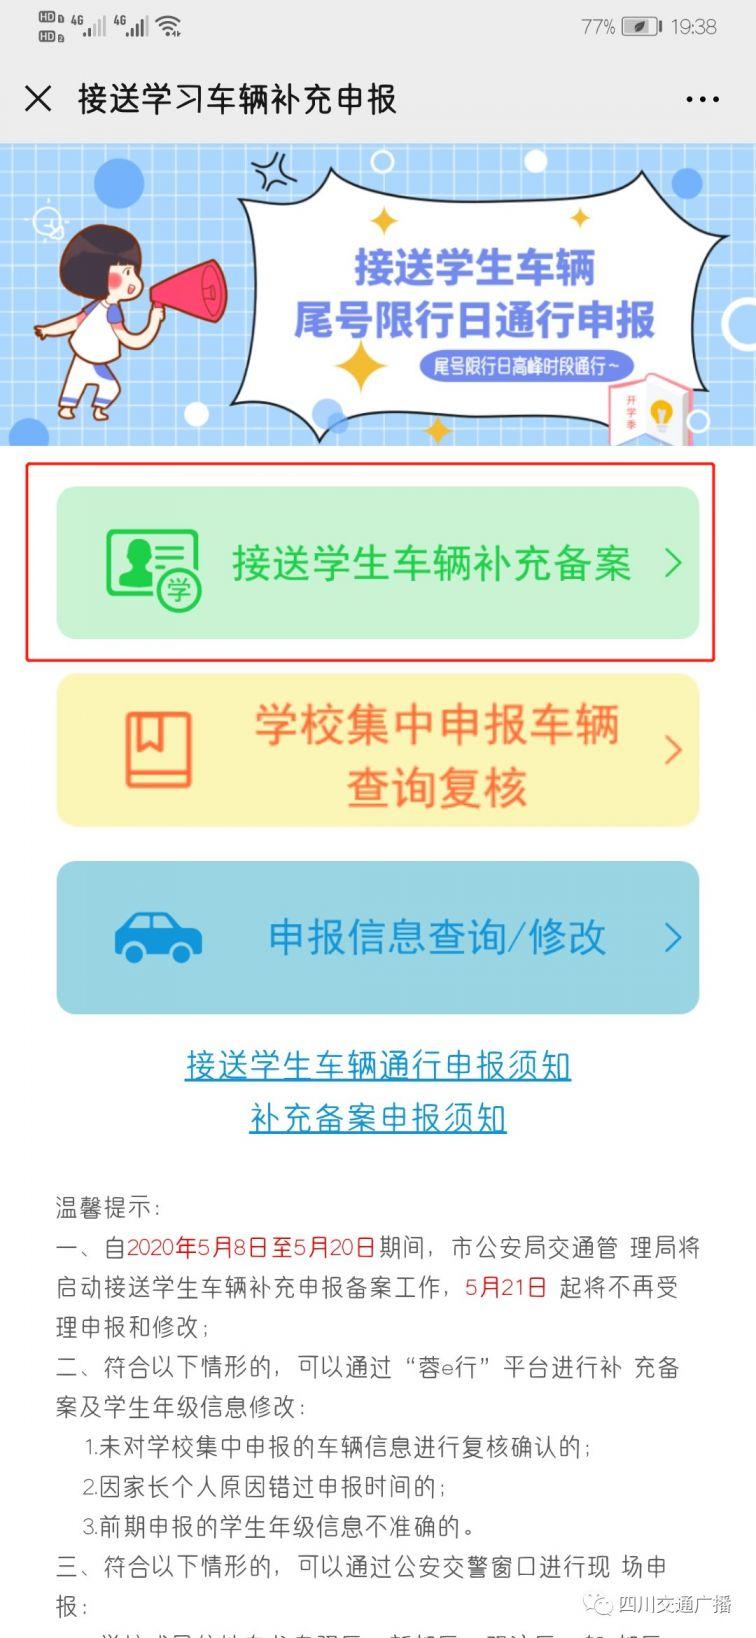 2020成都接送学生车辆免限行补充申报